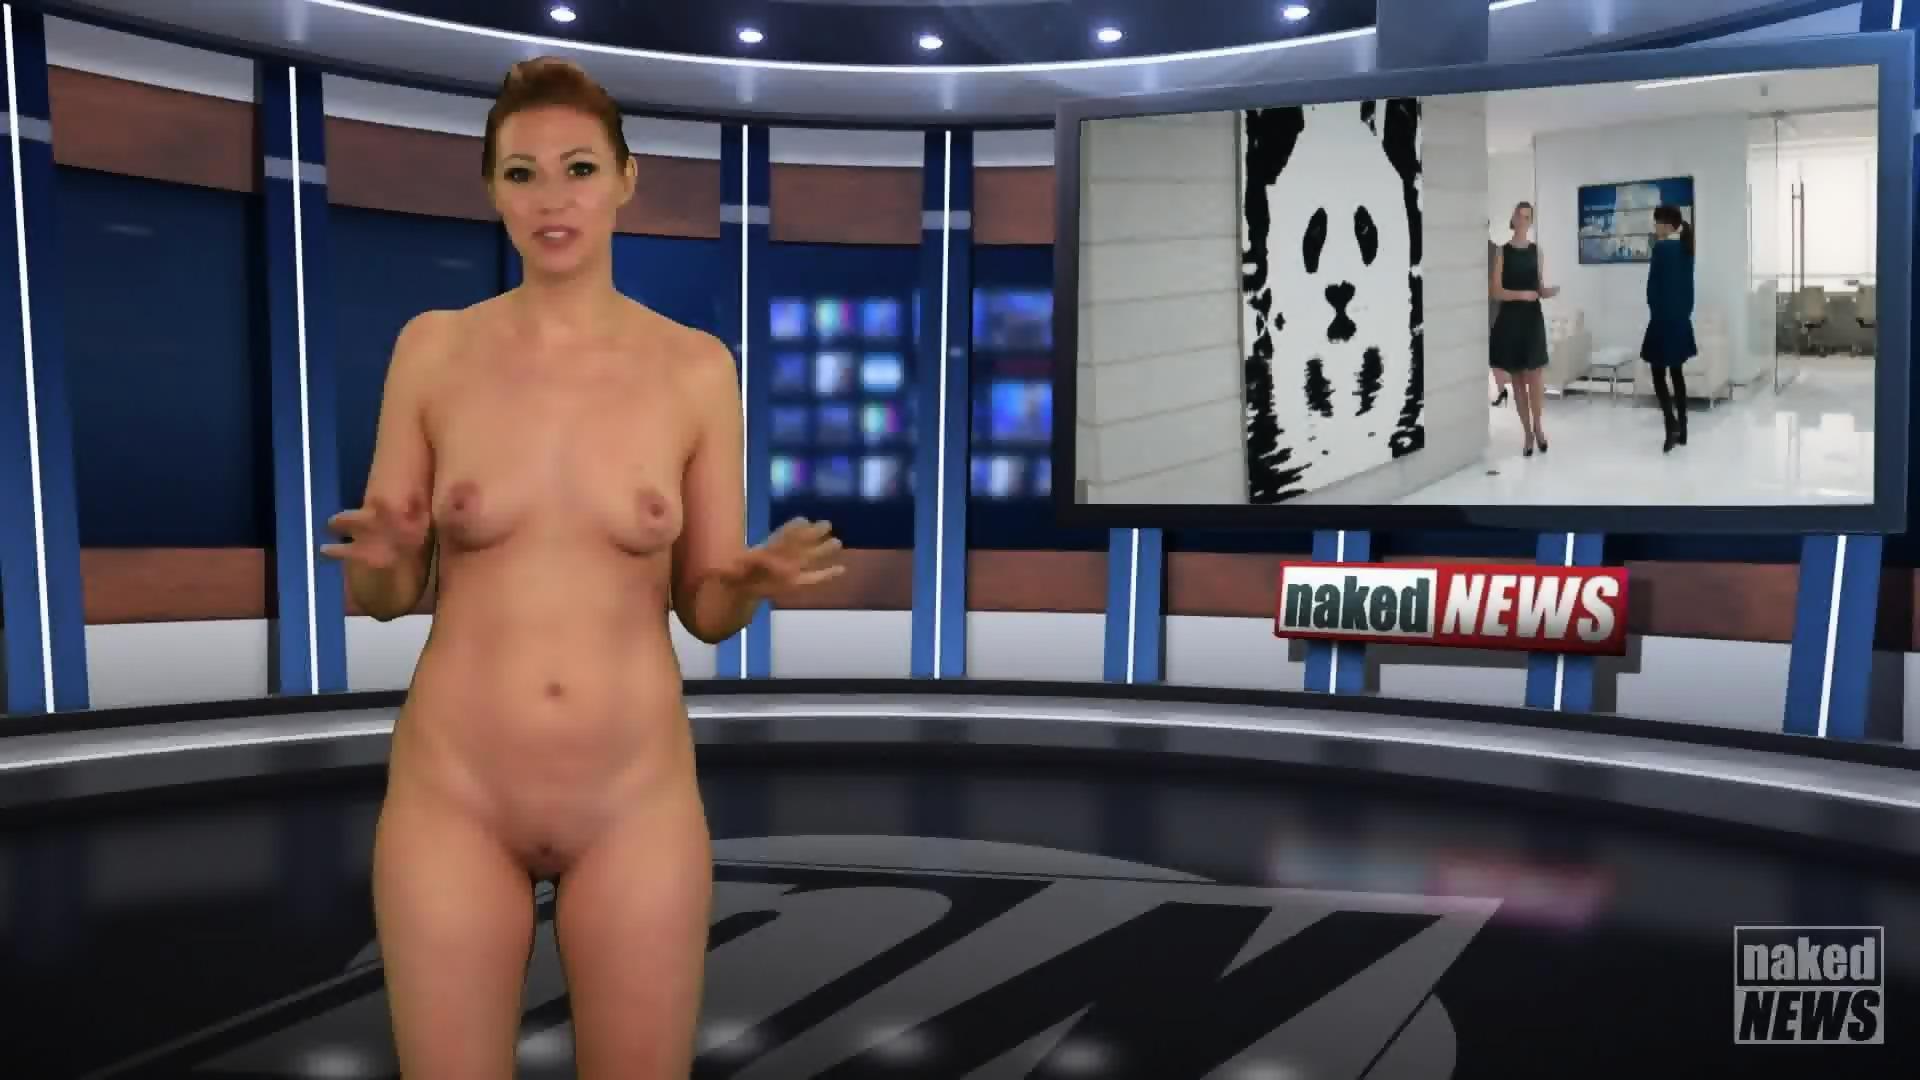 Эротическое реалити шоу на тв, Шоу - Смотреть порно видео онлайн 6 фотография